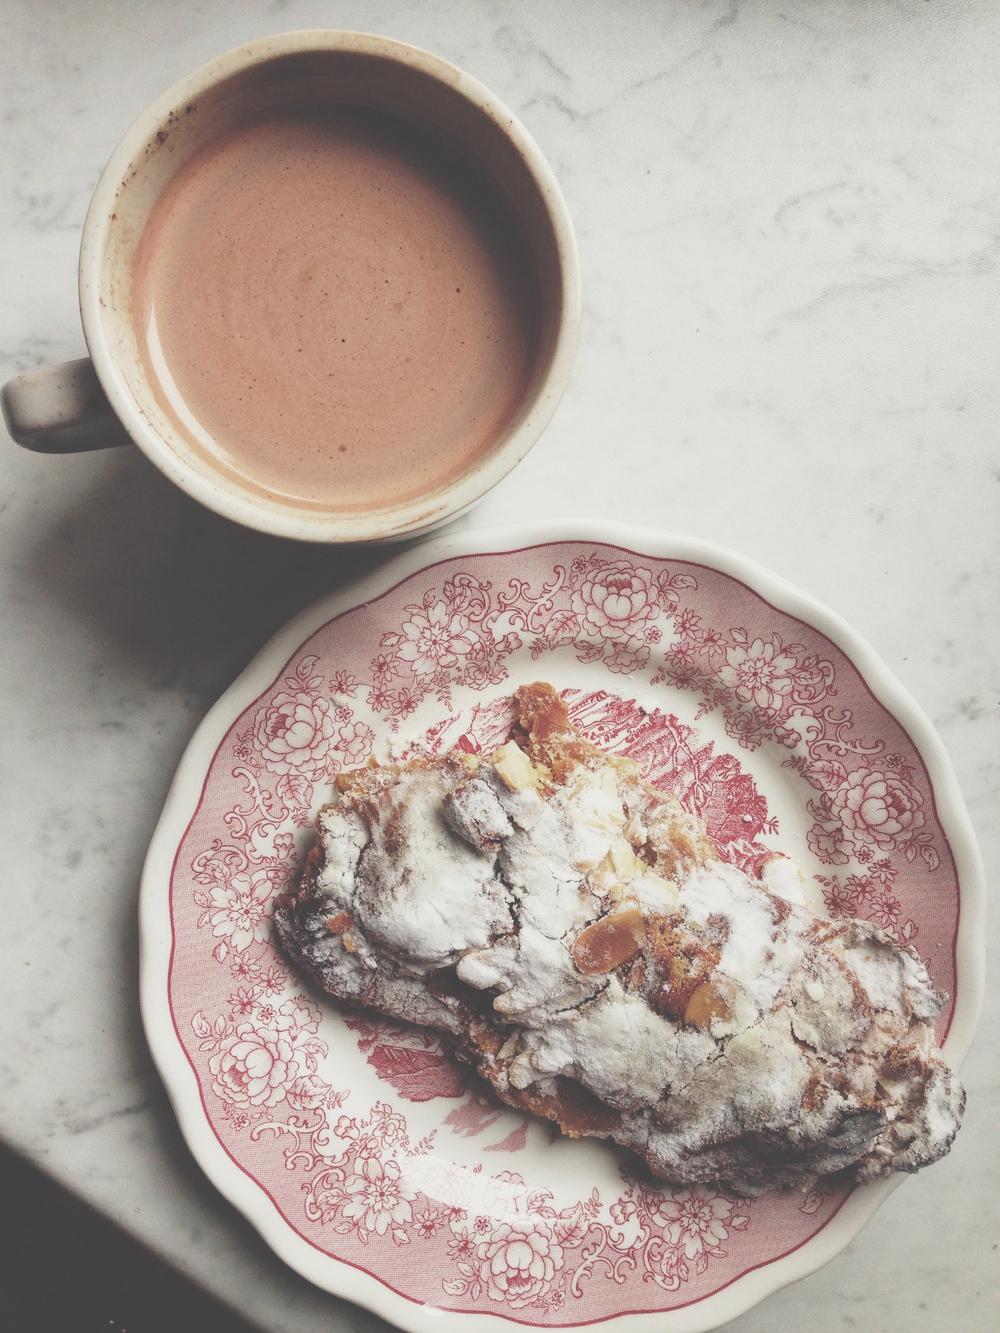 CroissantHotChocolate.jpg